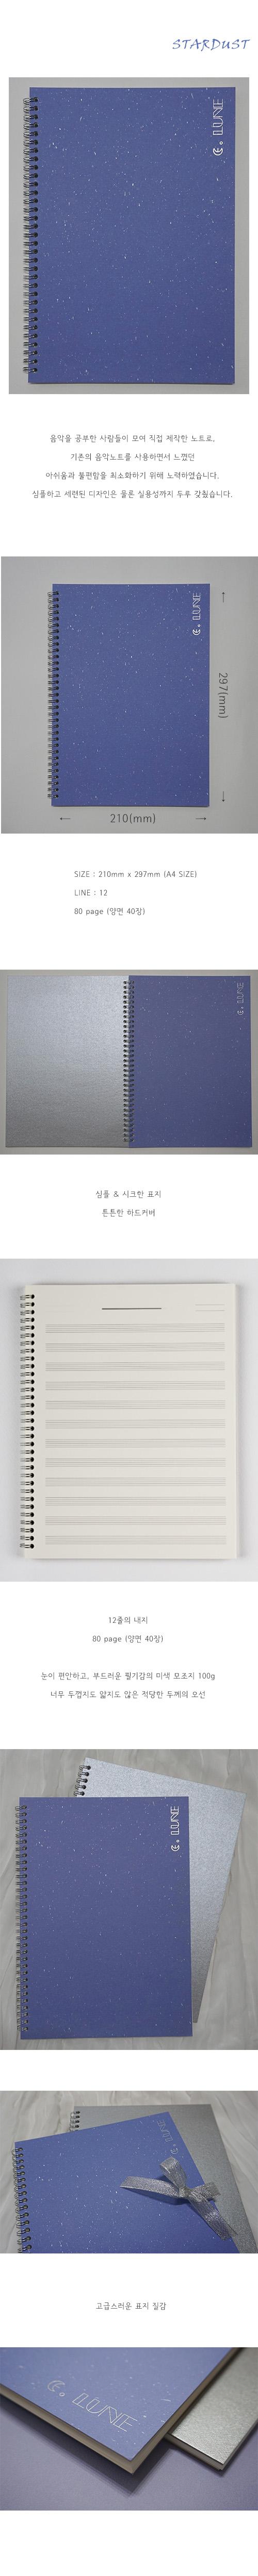 스타더스트 음악노트 - 이룬, 4,500원, 스프링노트, 유선노트